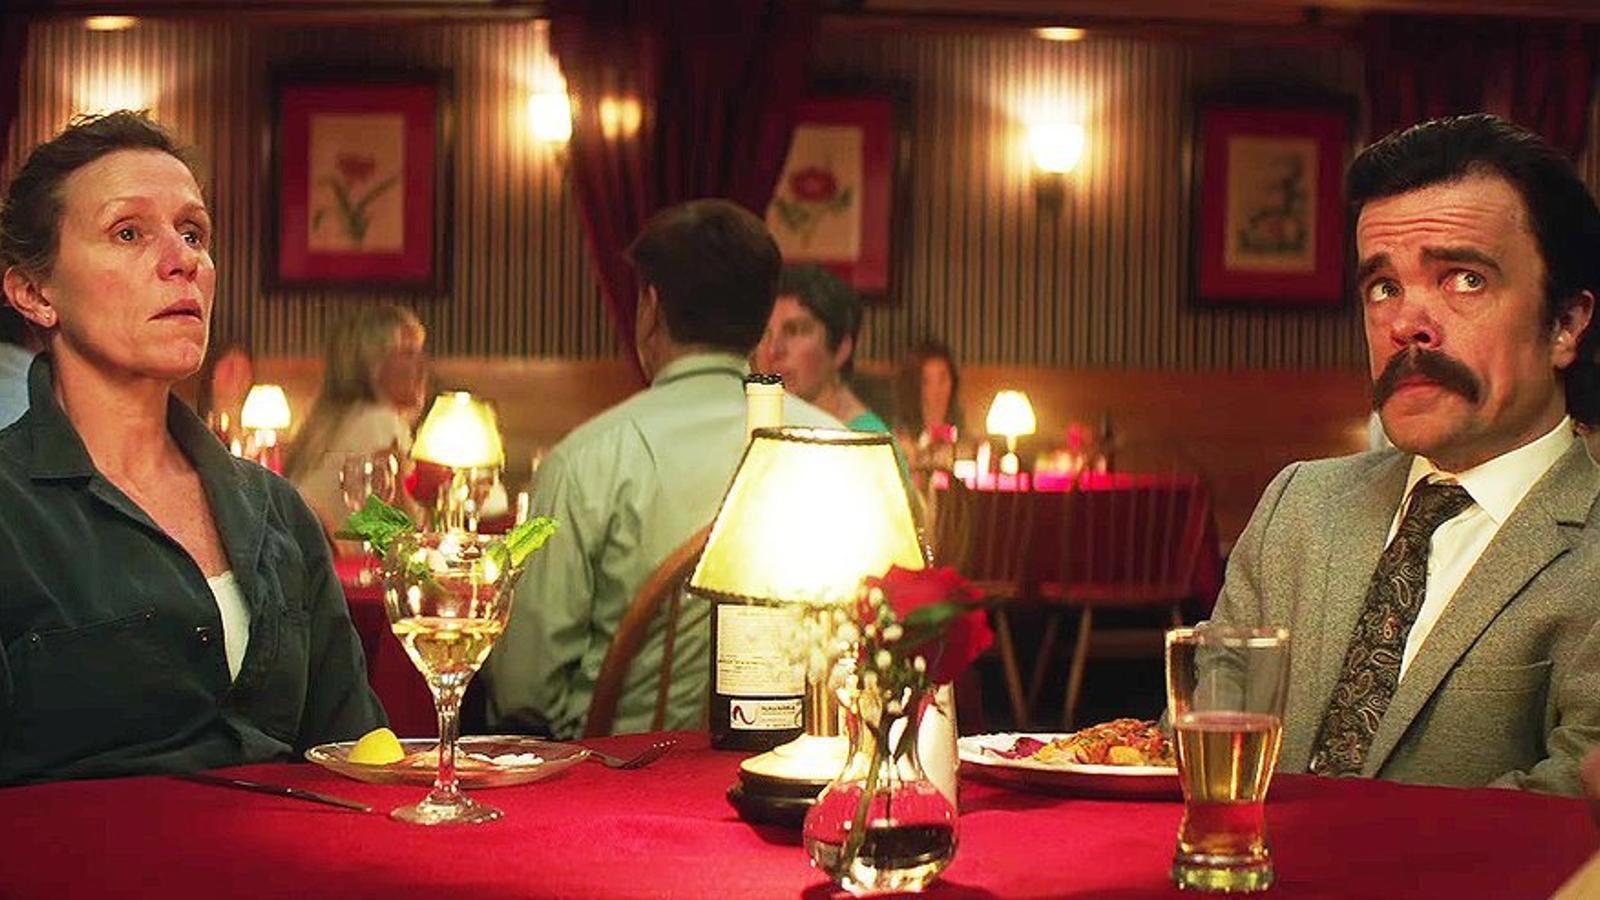 'Tres anuncios en las afueras', 'Lady bird' i 'Big little lies', guanyadores d'uns Globus d'Or amb accent independent